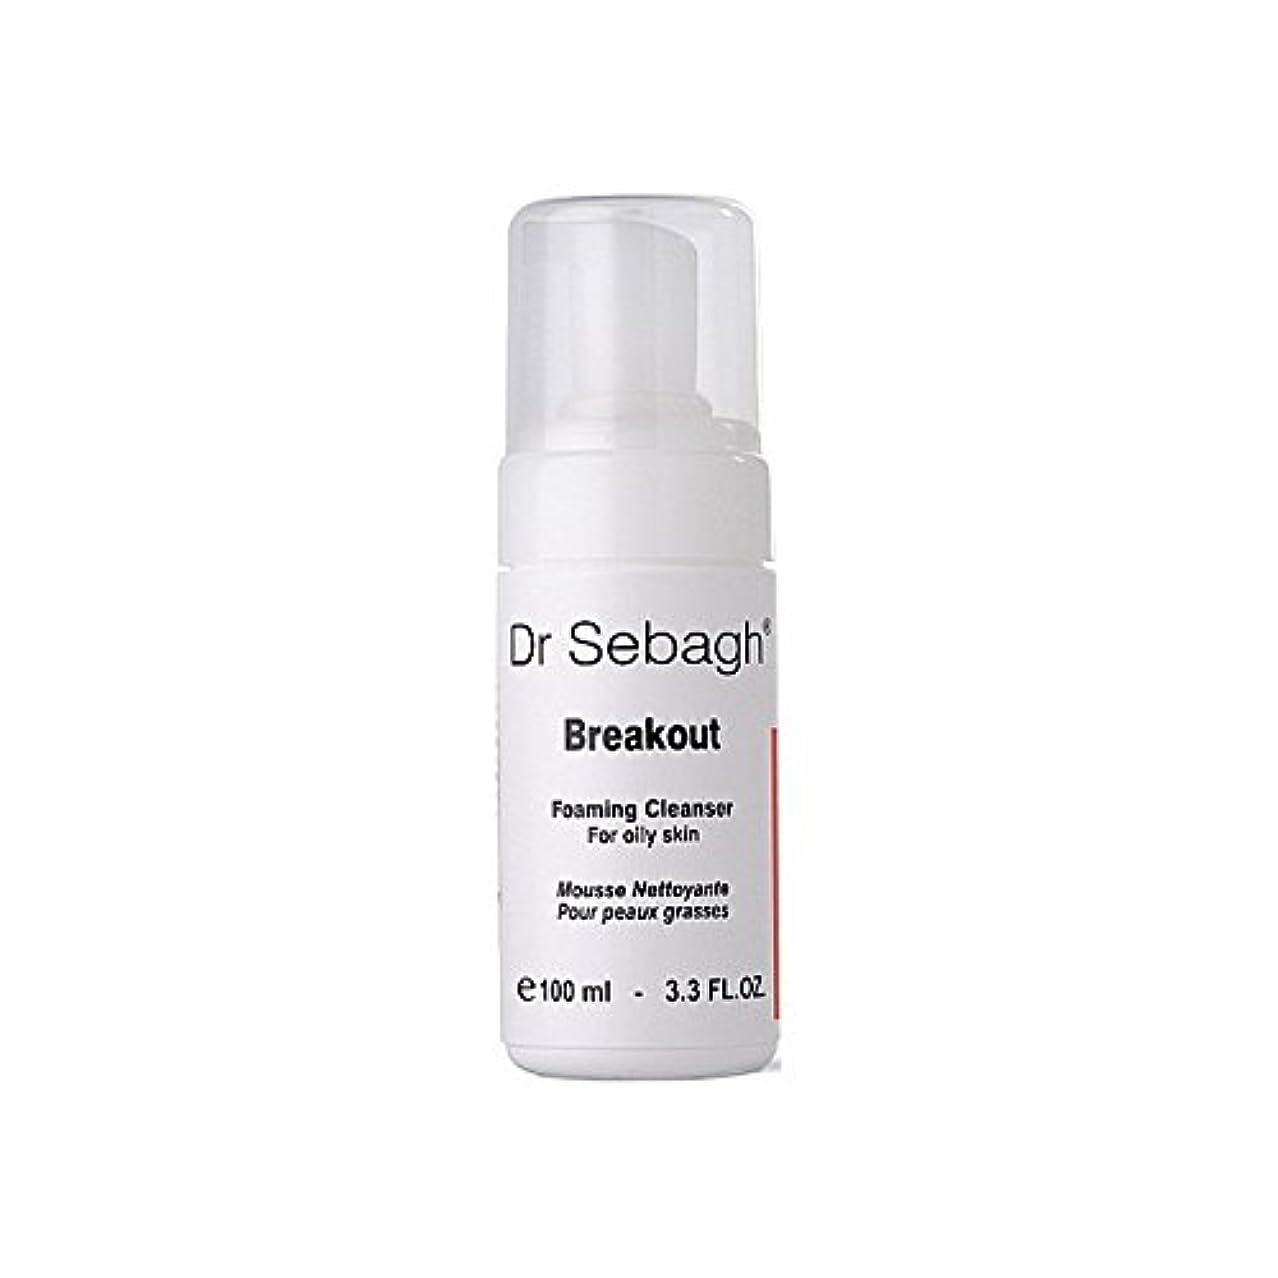 菊類推申し立てられたDr Sebagh Breakout Foaming Cleanser (Pack of 6) - クレンザーを発泡の のブレイクアウト x6 [並行輸入品]